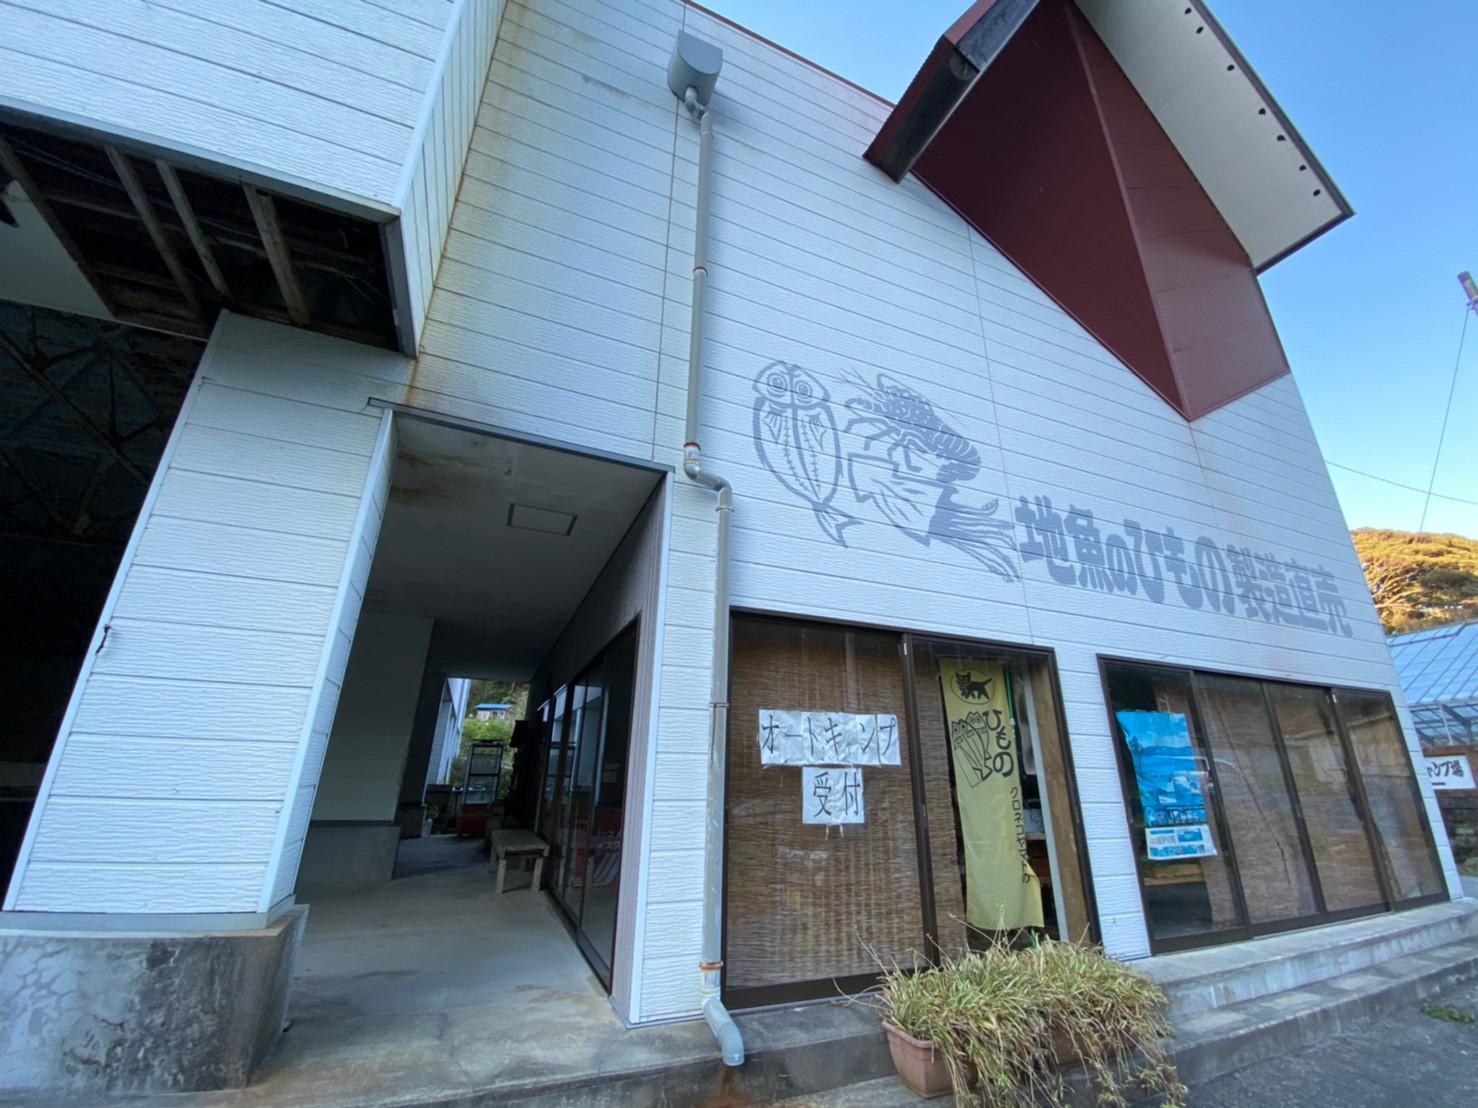 【ヒリゾ浜すぐ!伊豆】『石廊崎オートキャンプ場』の情報まとめ(駐車場・トイレ)